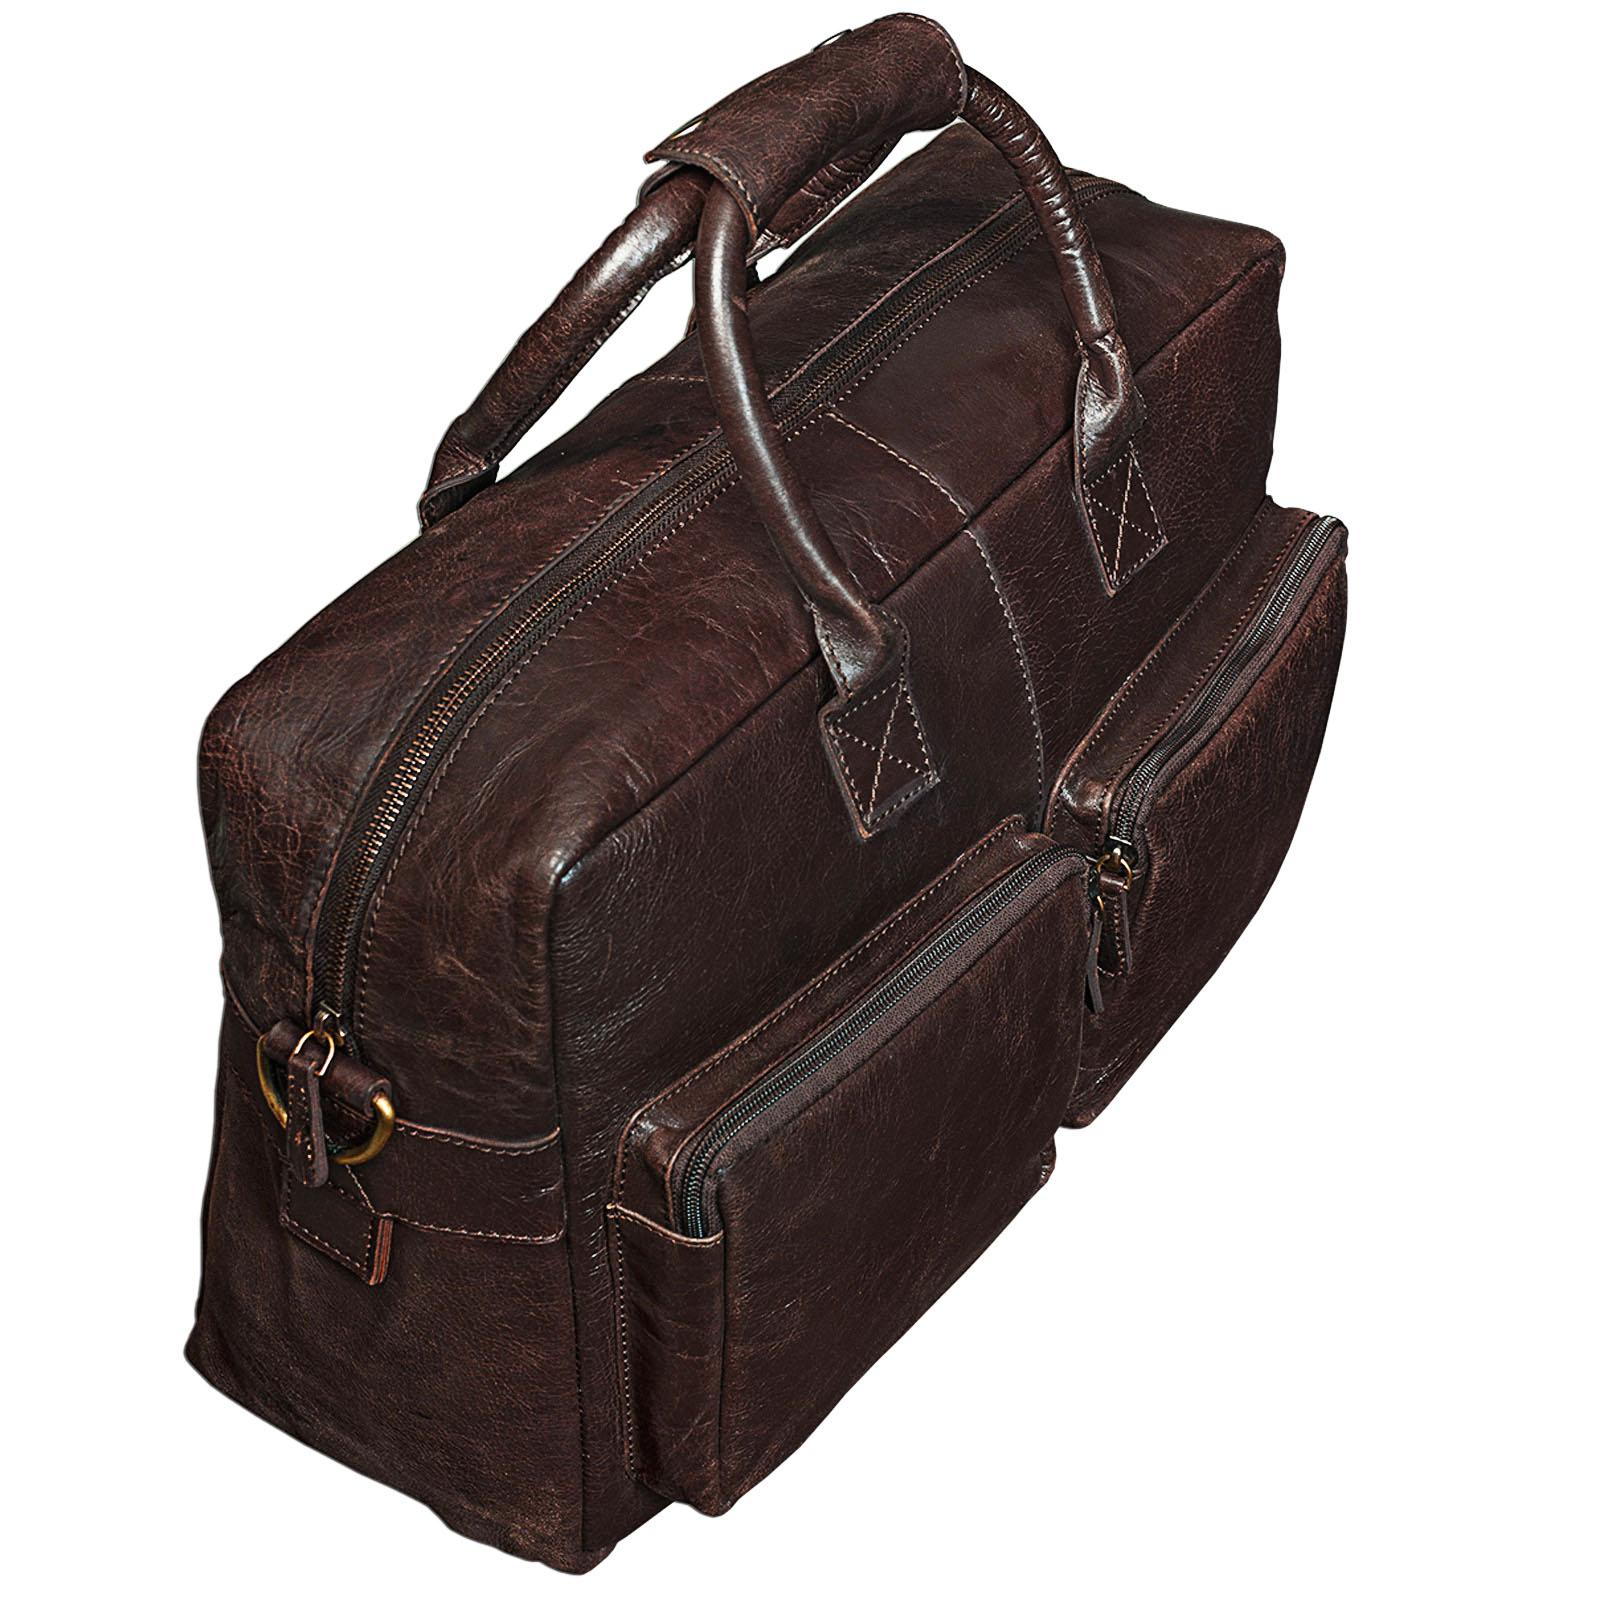 """STILORD """"Henri"""" Bürotasche Leder 15,6 Zoll Vintage Laptop Aktentasche Businesstasche Umhängetasche Lehrertasche Büffelleder - Bild 13"""